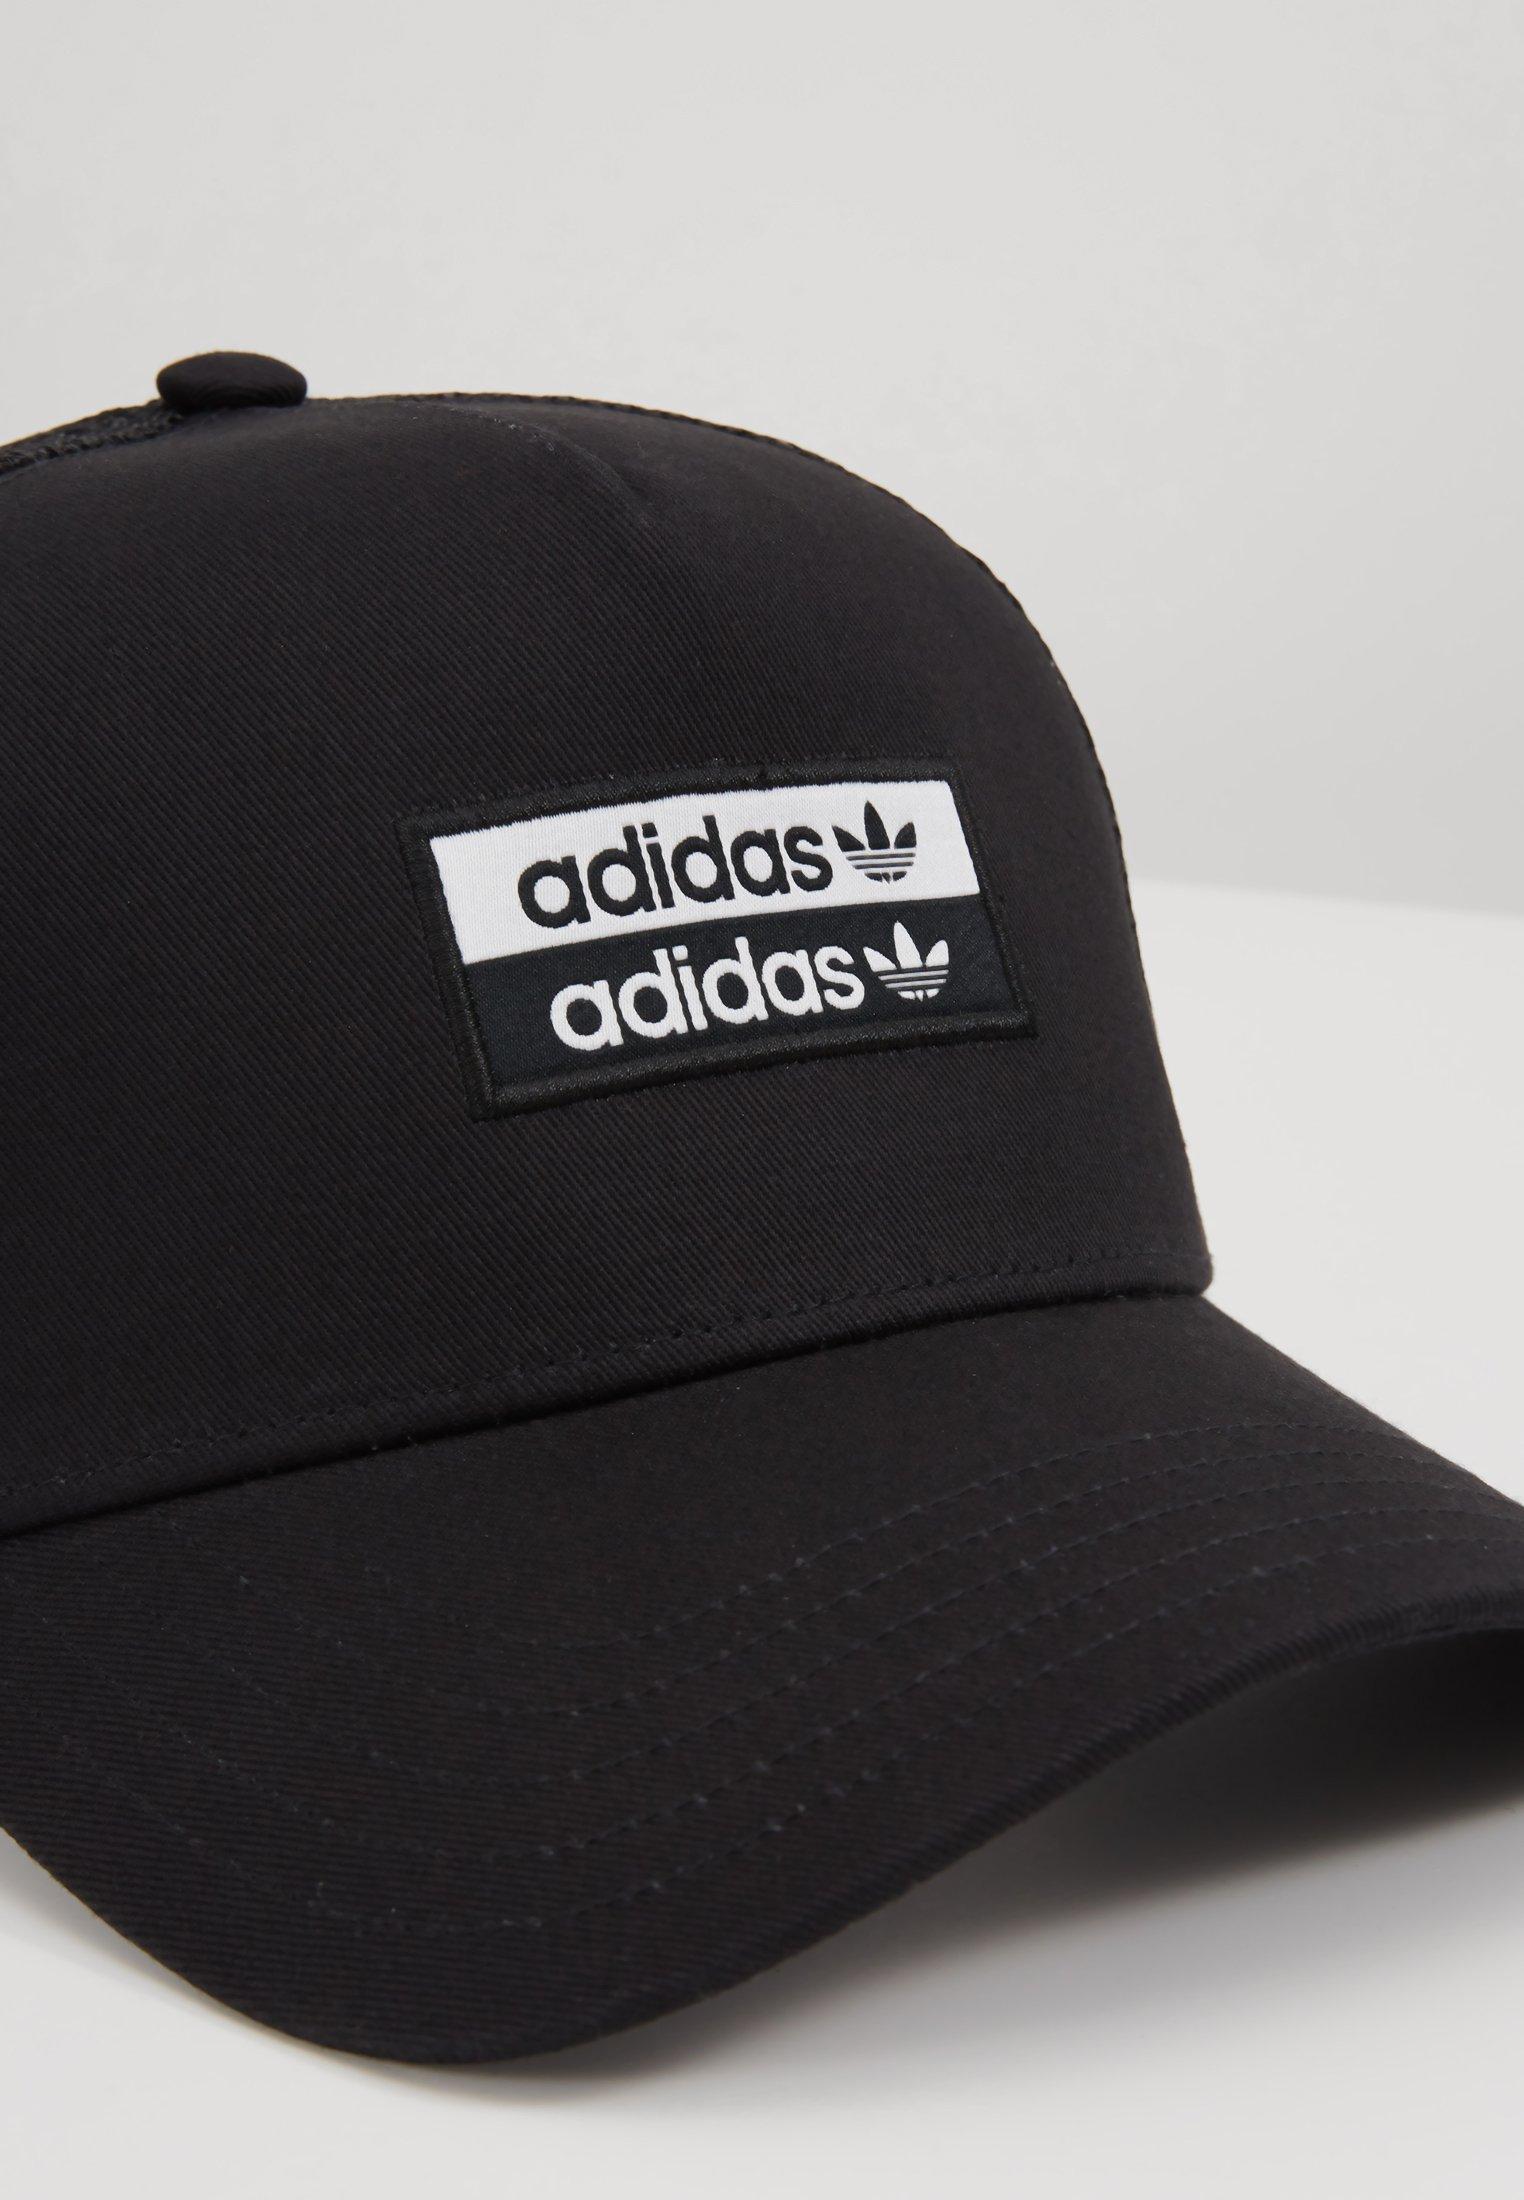 adidas Originals Cappellino - black/white Ikpn6hOP